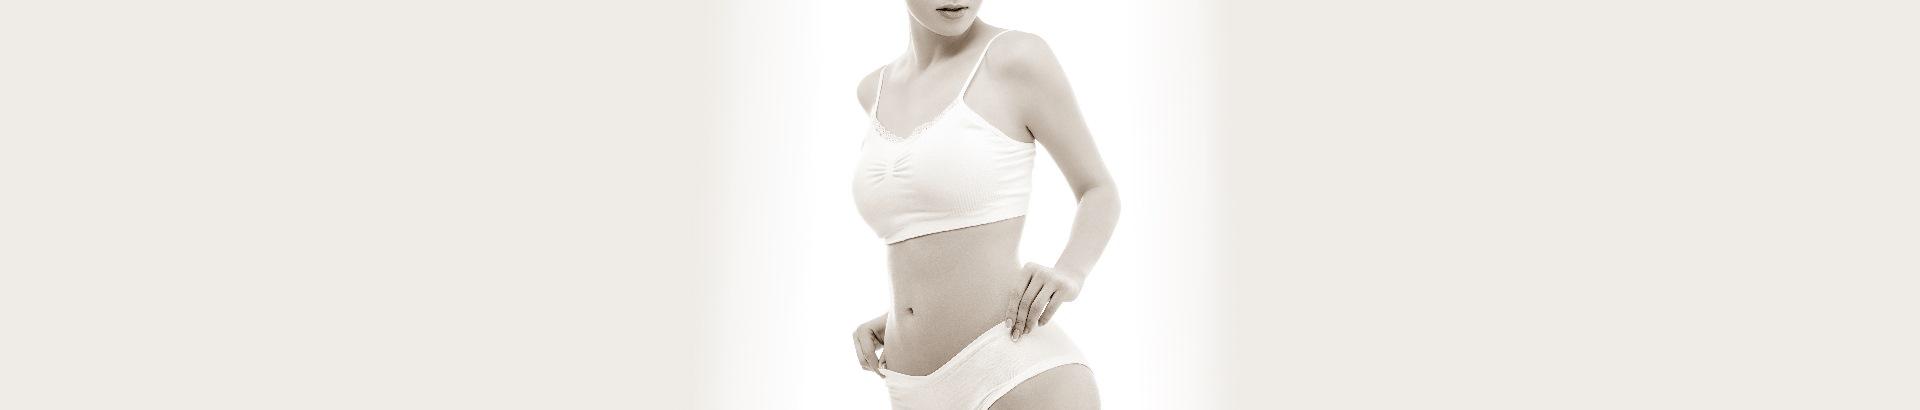 ניתוח שאיבת שומן, ניתוח מתיחת בטן ועוד ניתוחים פלסטיים